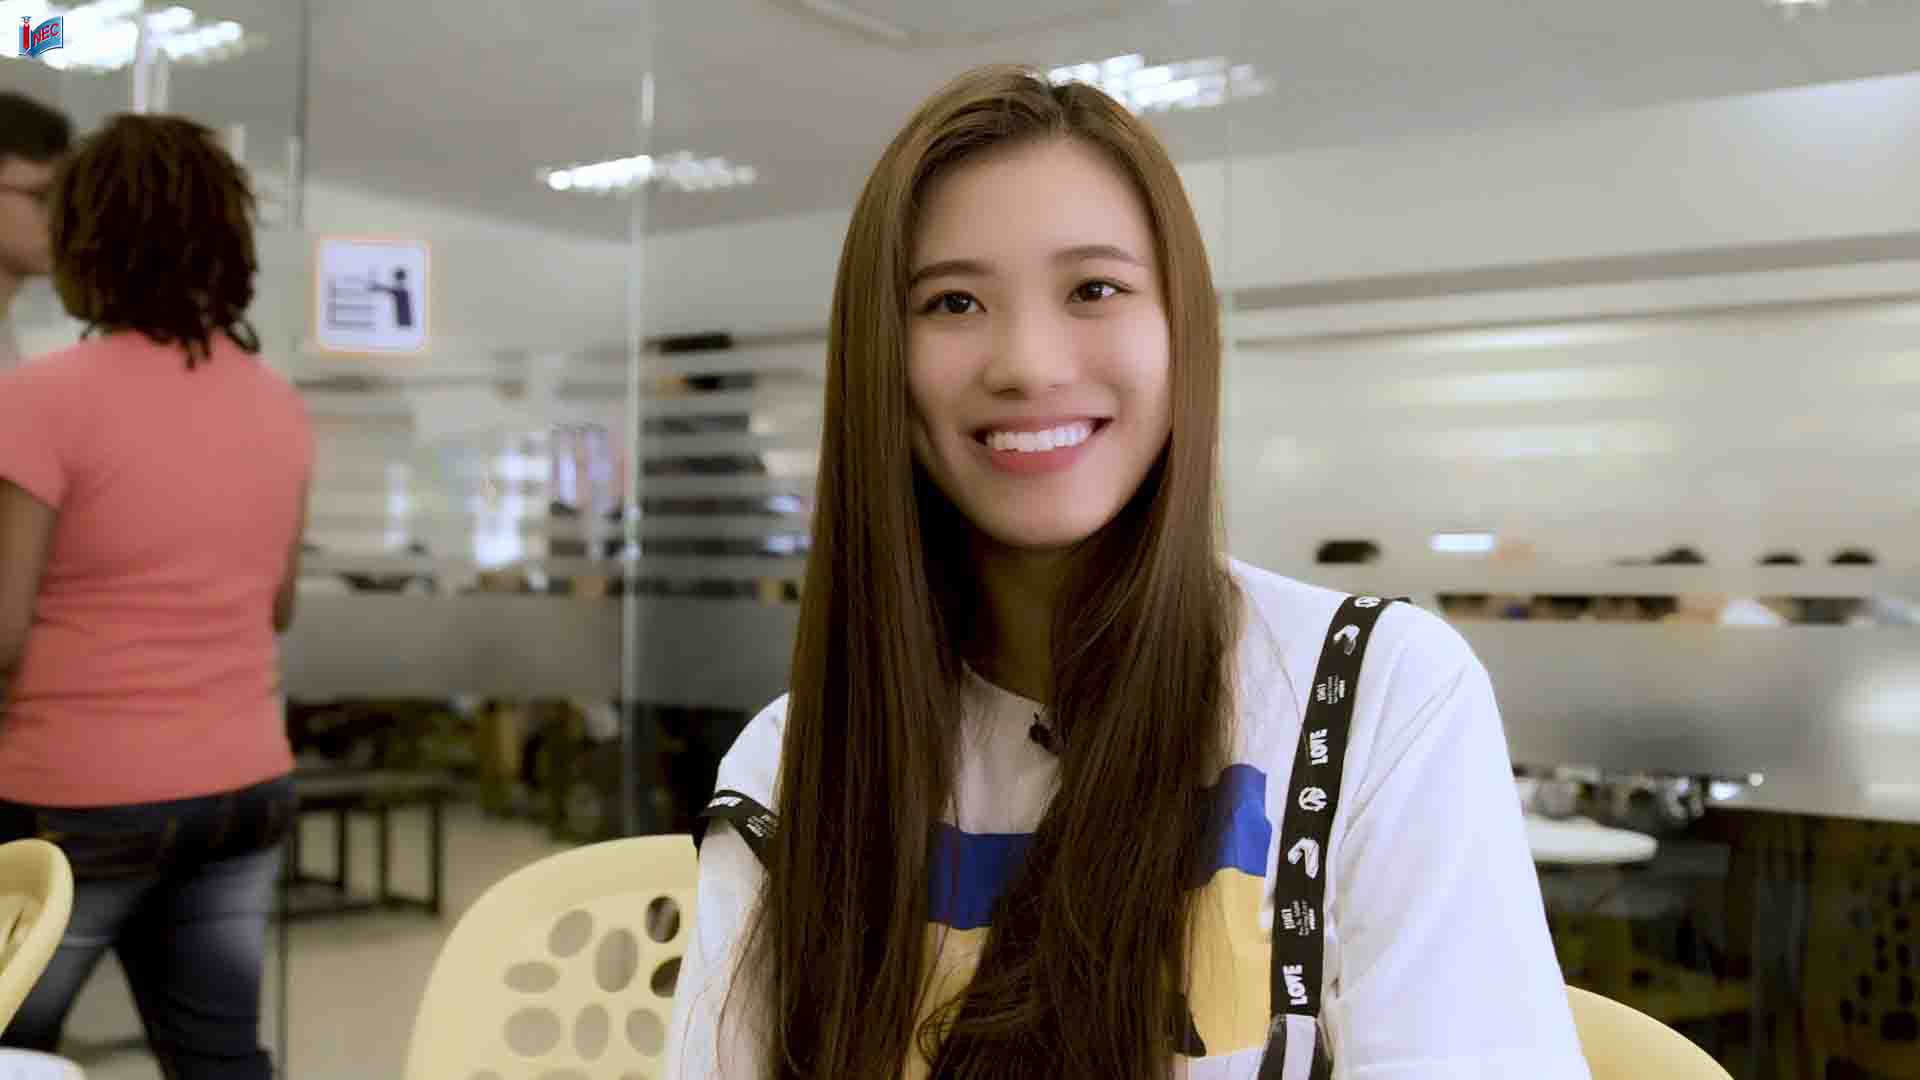 Cùng lắng nghe chia sẻ chớp nhoáng của bạn Huỳnh Thị Kim Duyên đang học tiếng Anh tại JCU Singapore nhé.